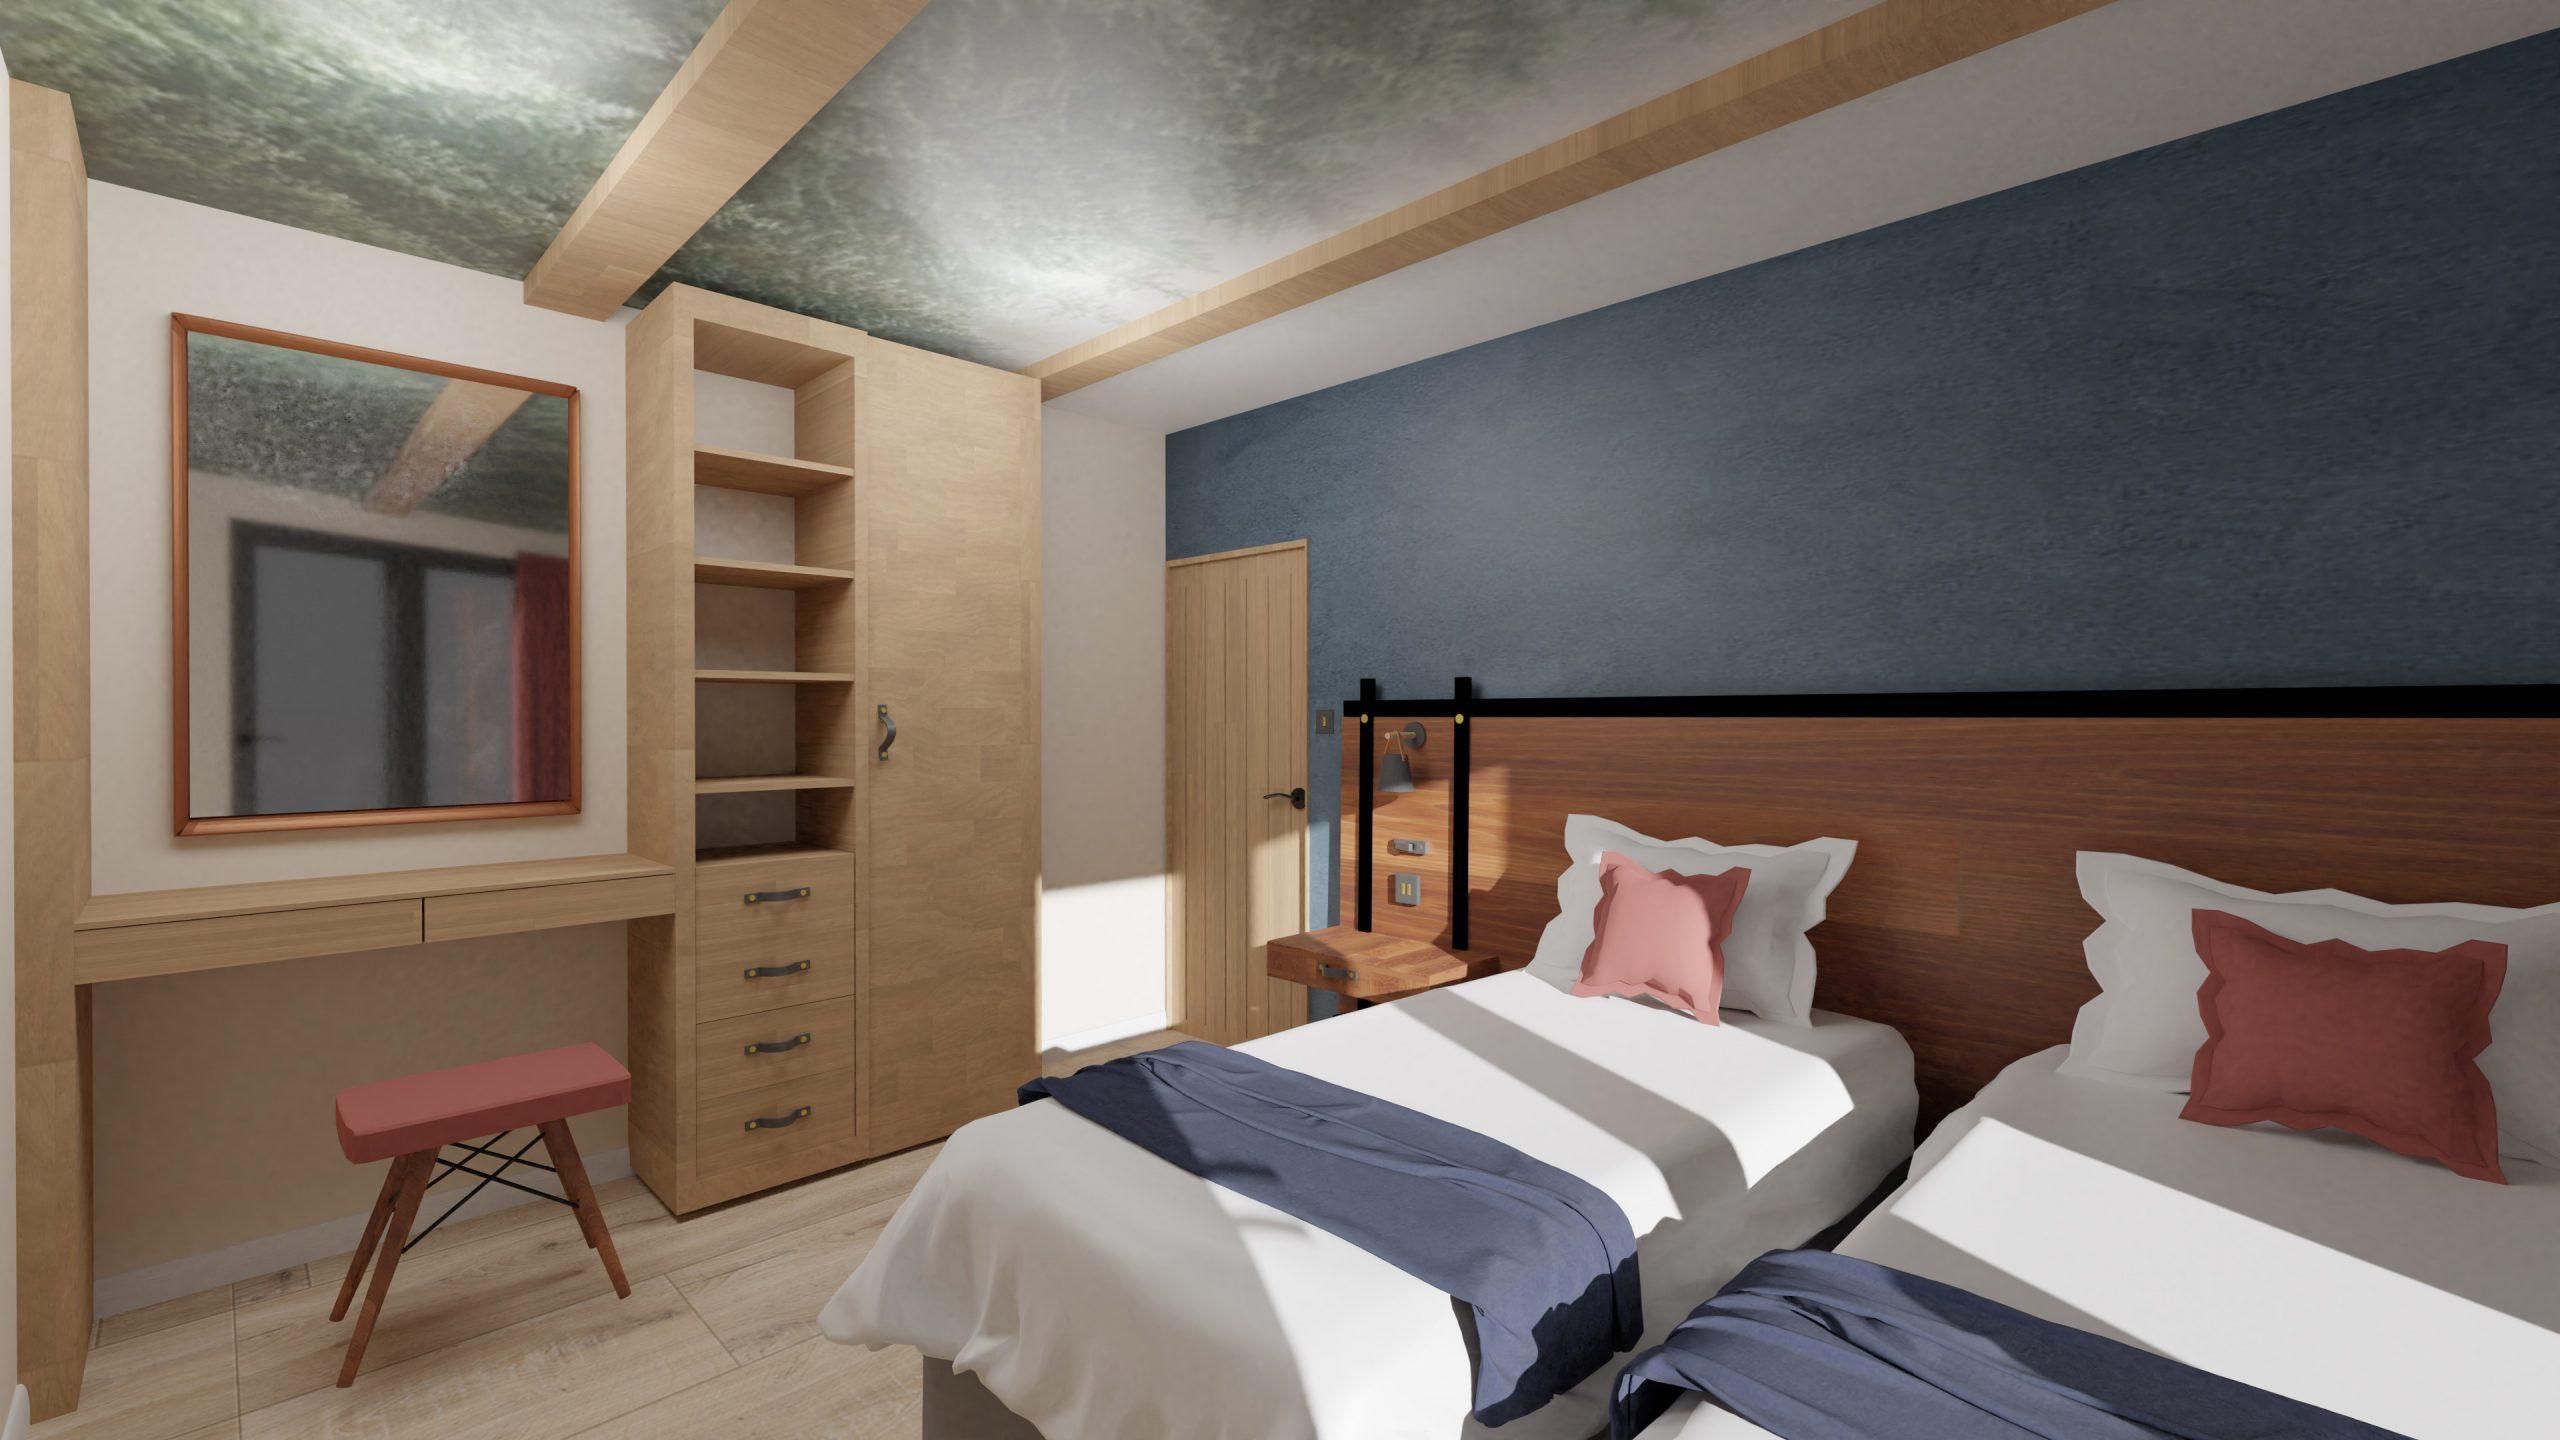 Treehouse Retreat- Final Major Project- Twin Bedroom